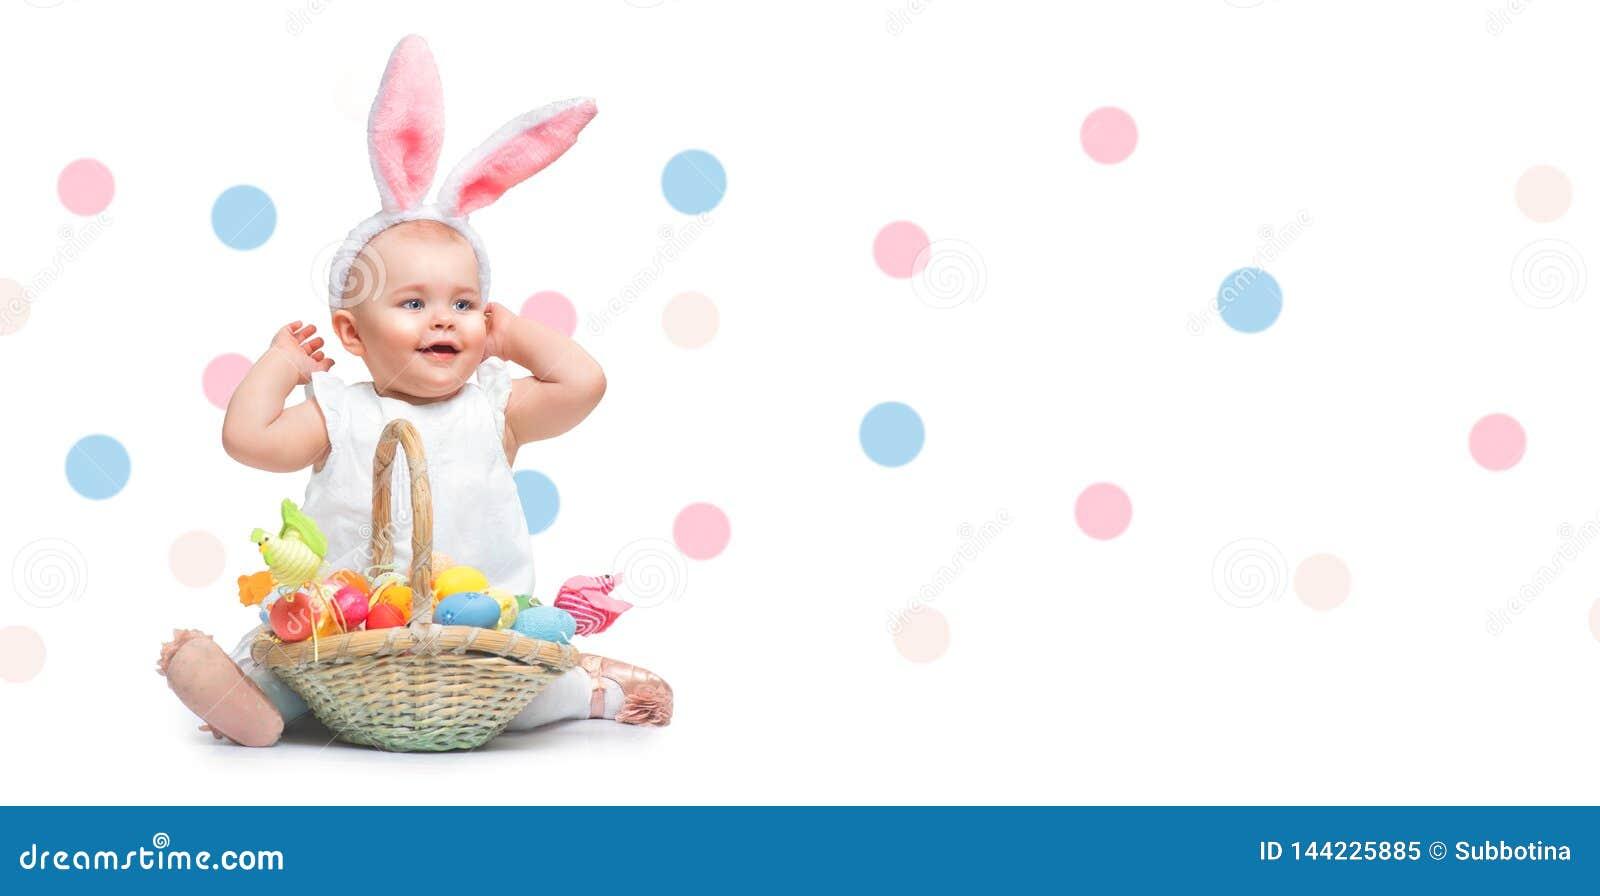 Όμορφο χαμογελώντας μικρό κορίτσι Πάσχας που φορά τα αυτιά κουνελιών λαγουδάκι, με ένα σύνολο καλαθιών των ζωηρόχρωμων χρωματισμέ